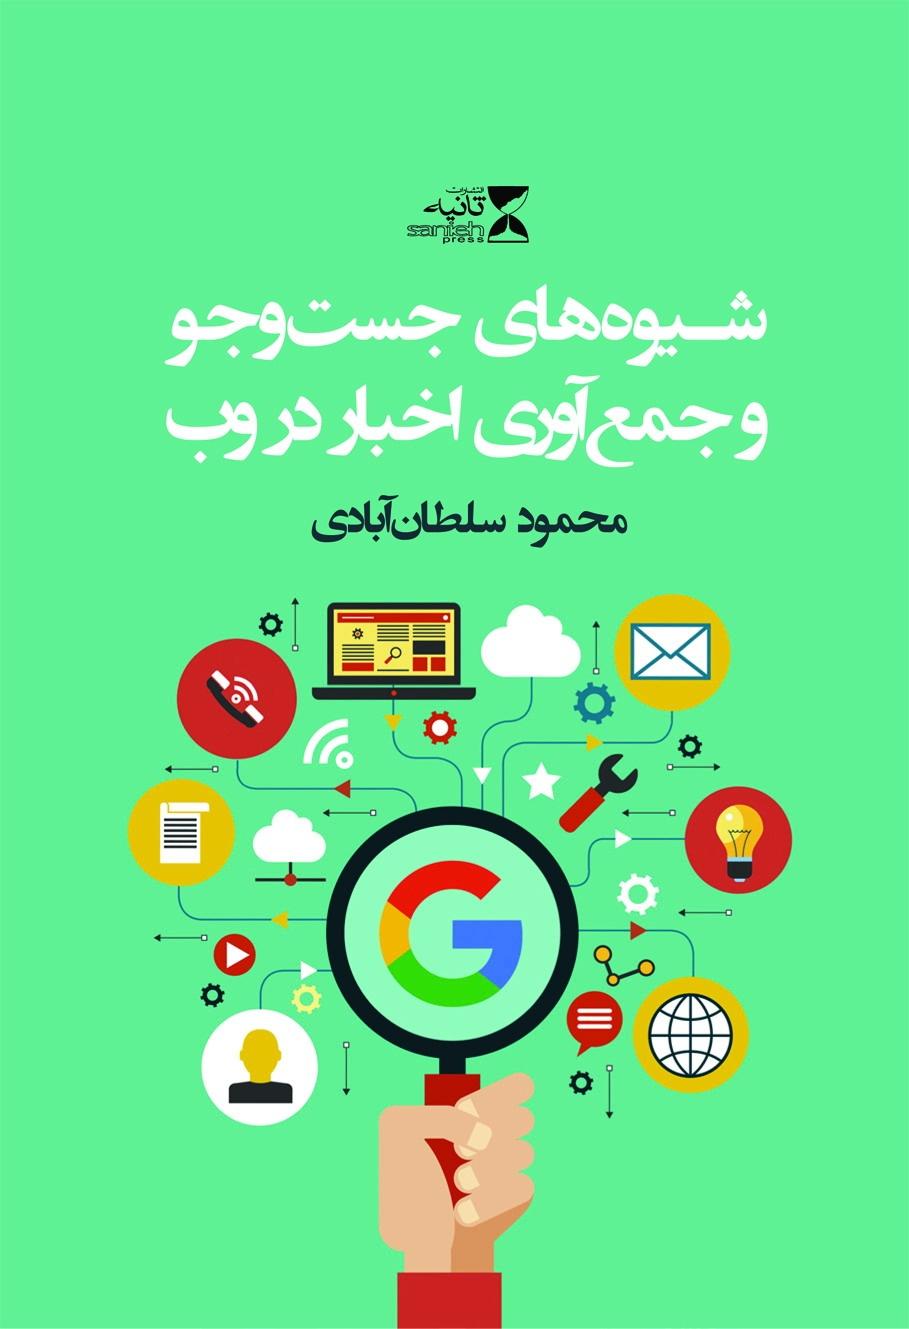 کتاب تازه: شیوههای جستوجو و جمعآوری اخبار در وب